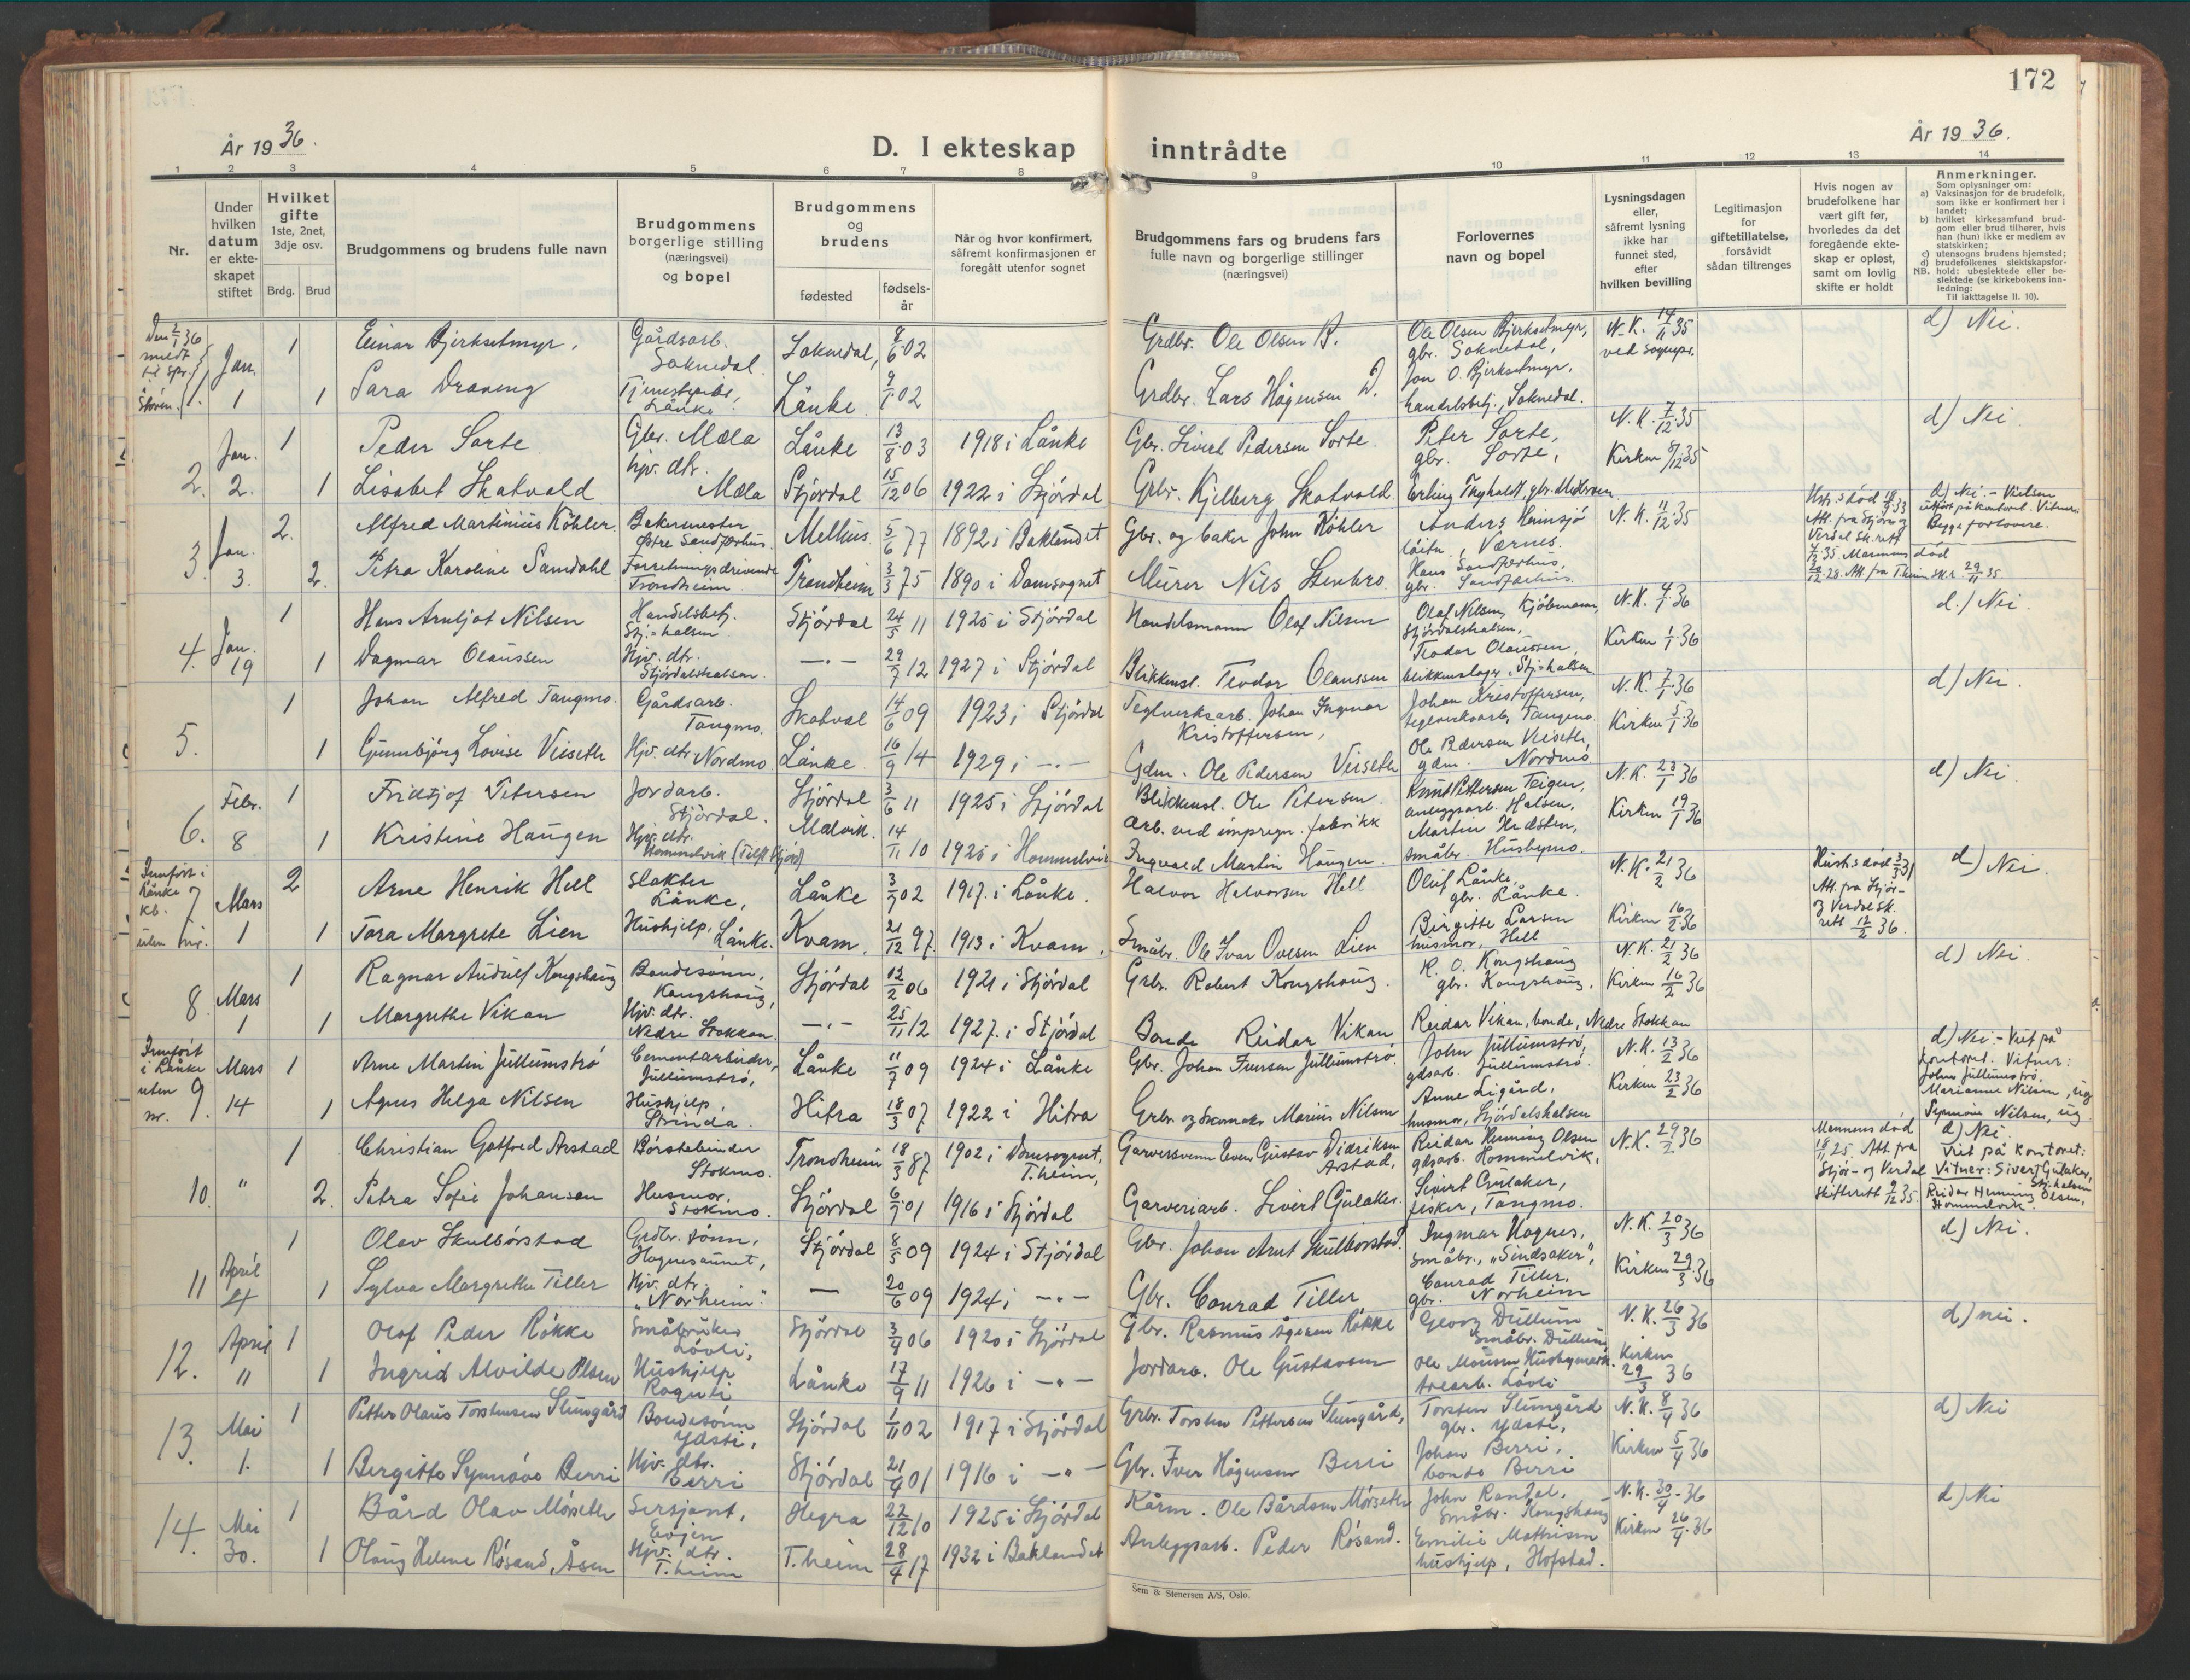 SAT, Ministerialprotokoller, klokkerbøker og fødselsregistre - Nord-Trøndelag, 709/L0089: Klokkerbok nr. 709C03, 1935-1948, s. 172